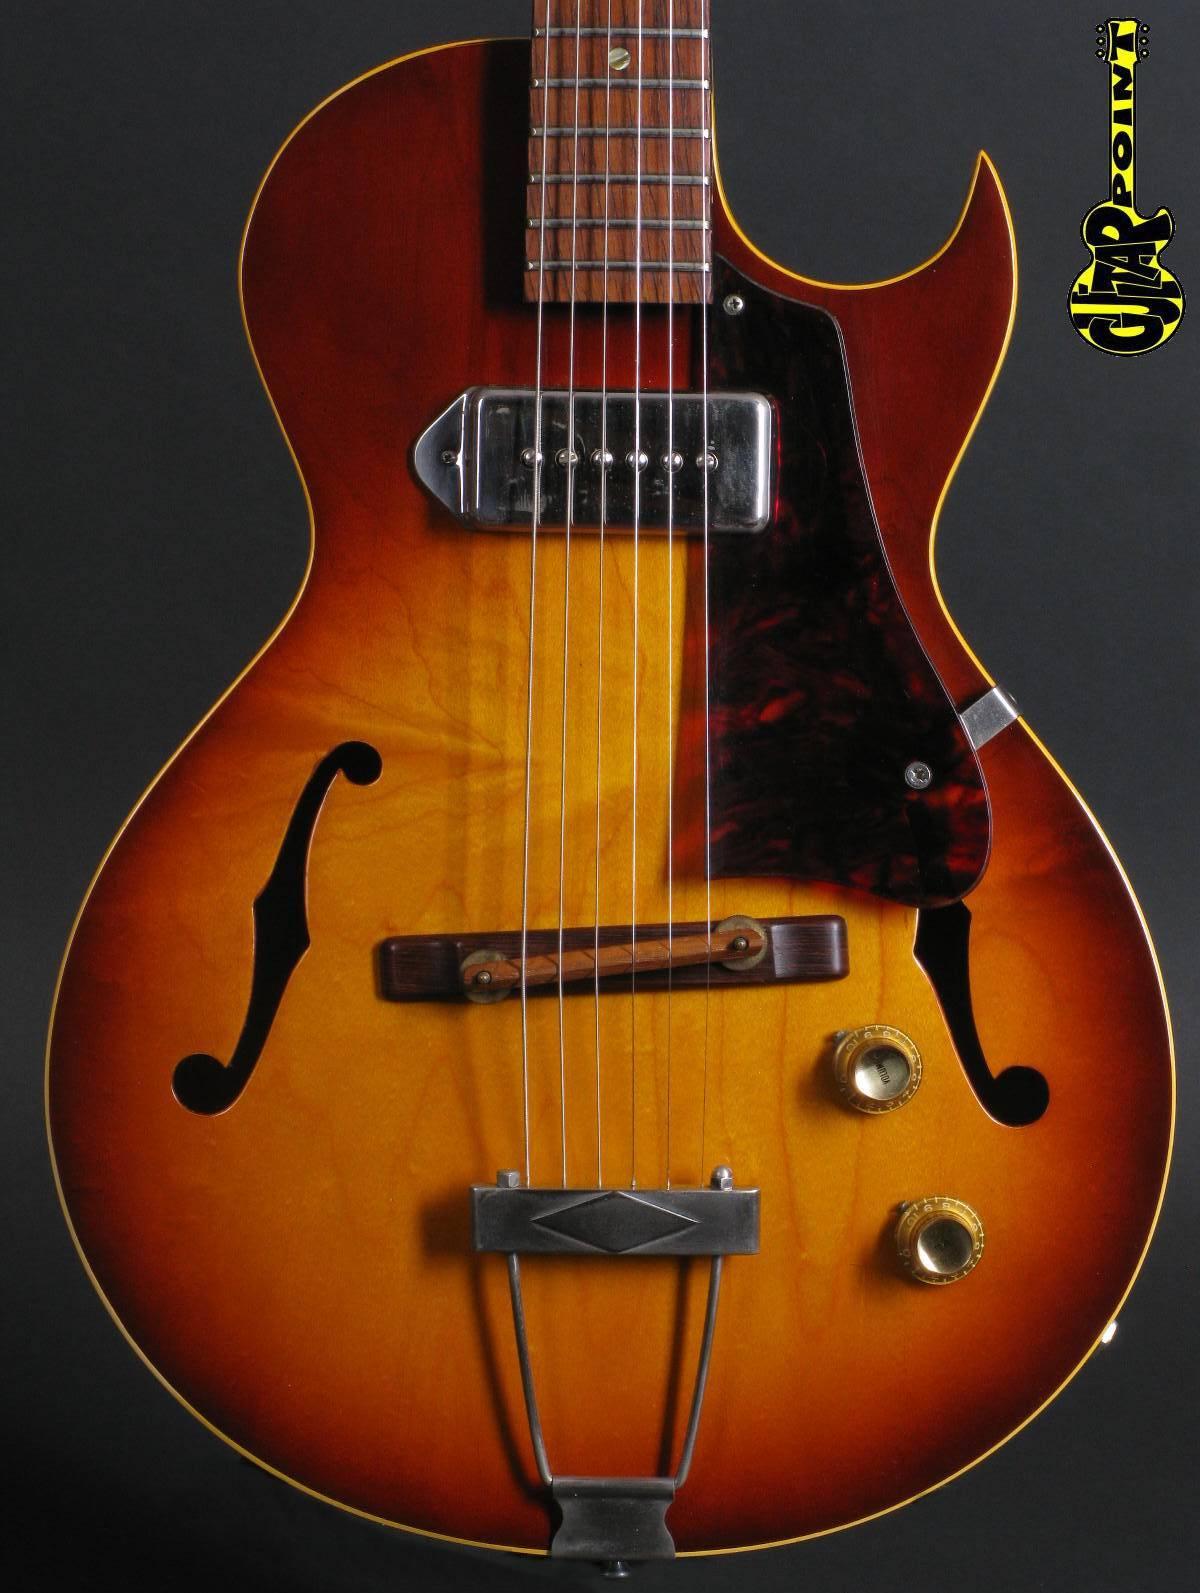 1967 Gibson ES 140 T 3/4- Sunburst